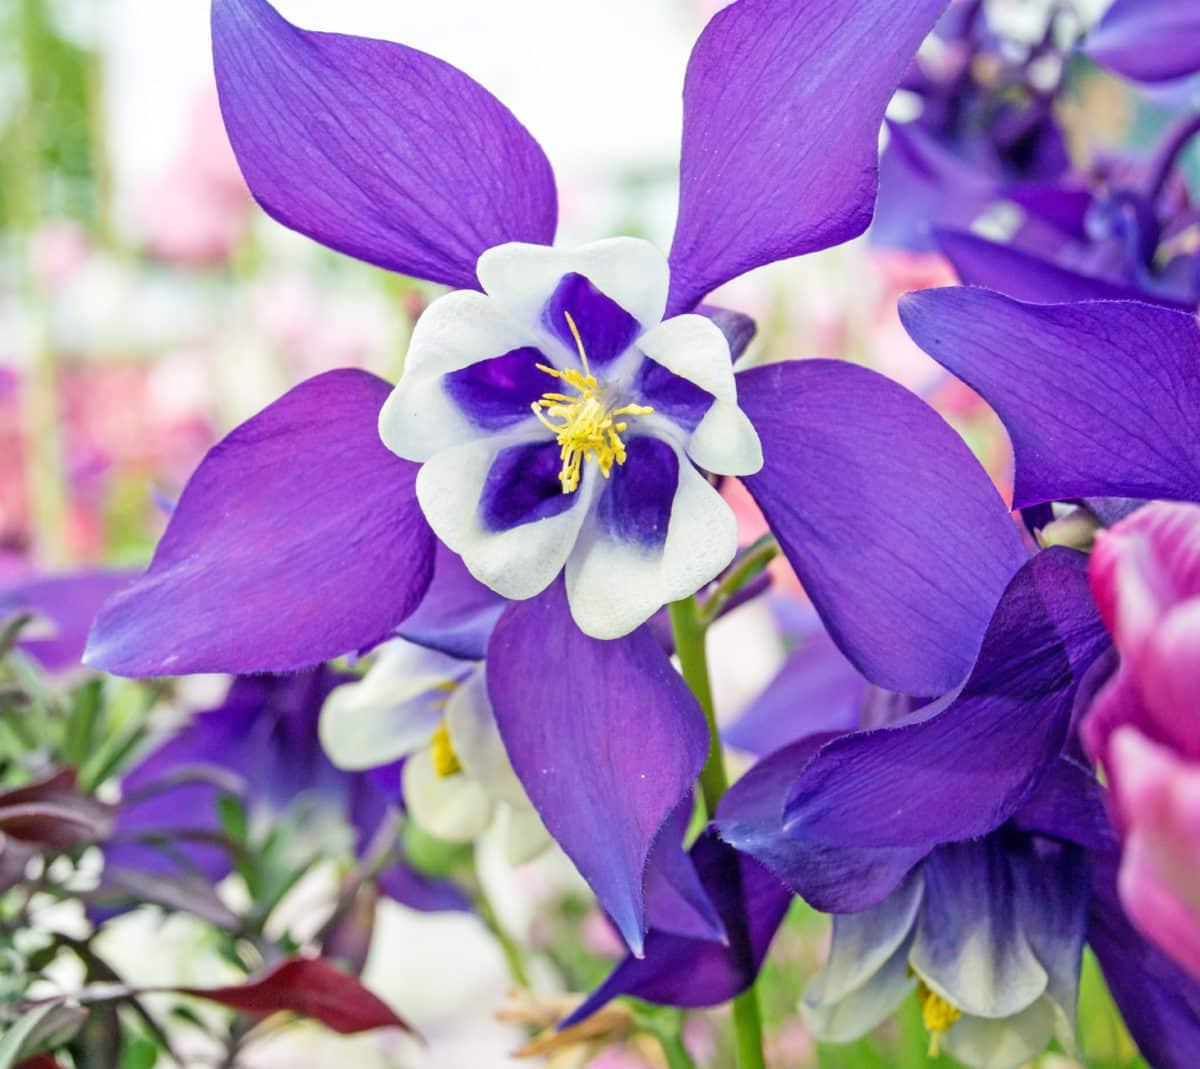 Erfahre mehr über die heilende Wirkung der Akelei. Die Heilpflanze eignet sich vor allem zur Behandlung von Appetitlosigkeit, Rheuma und Läusen. © doris oberfrank-list